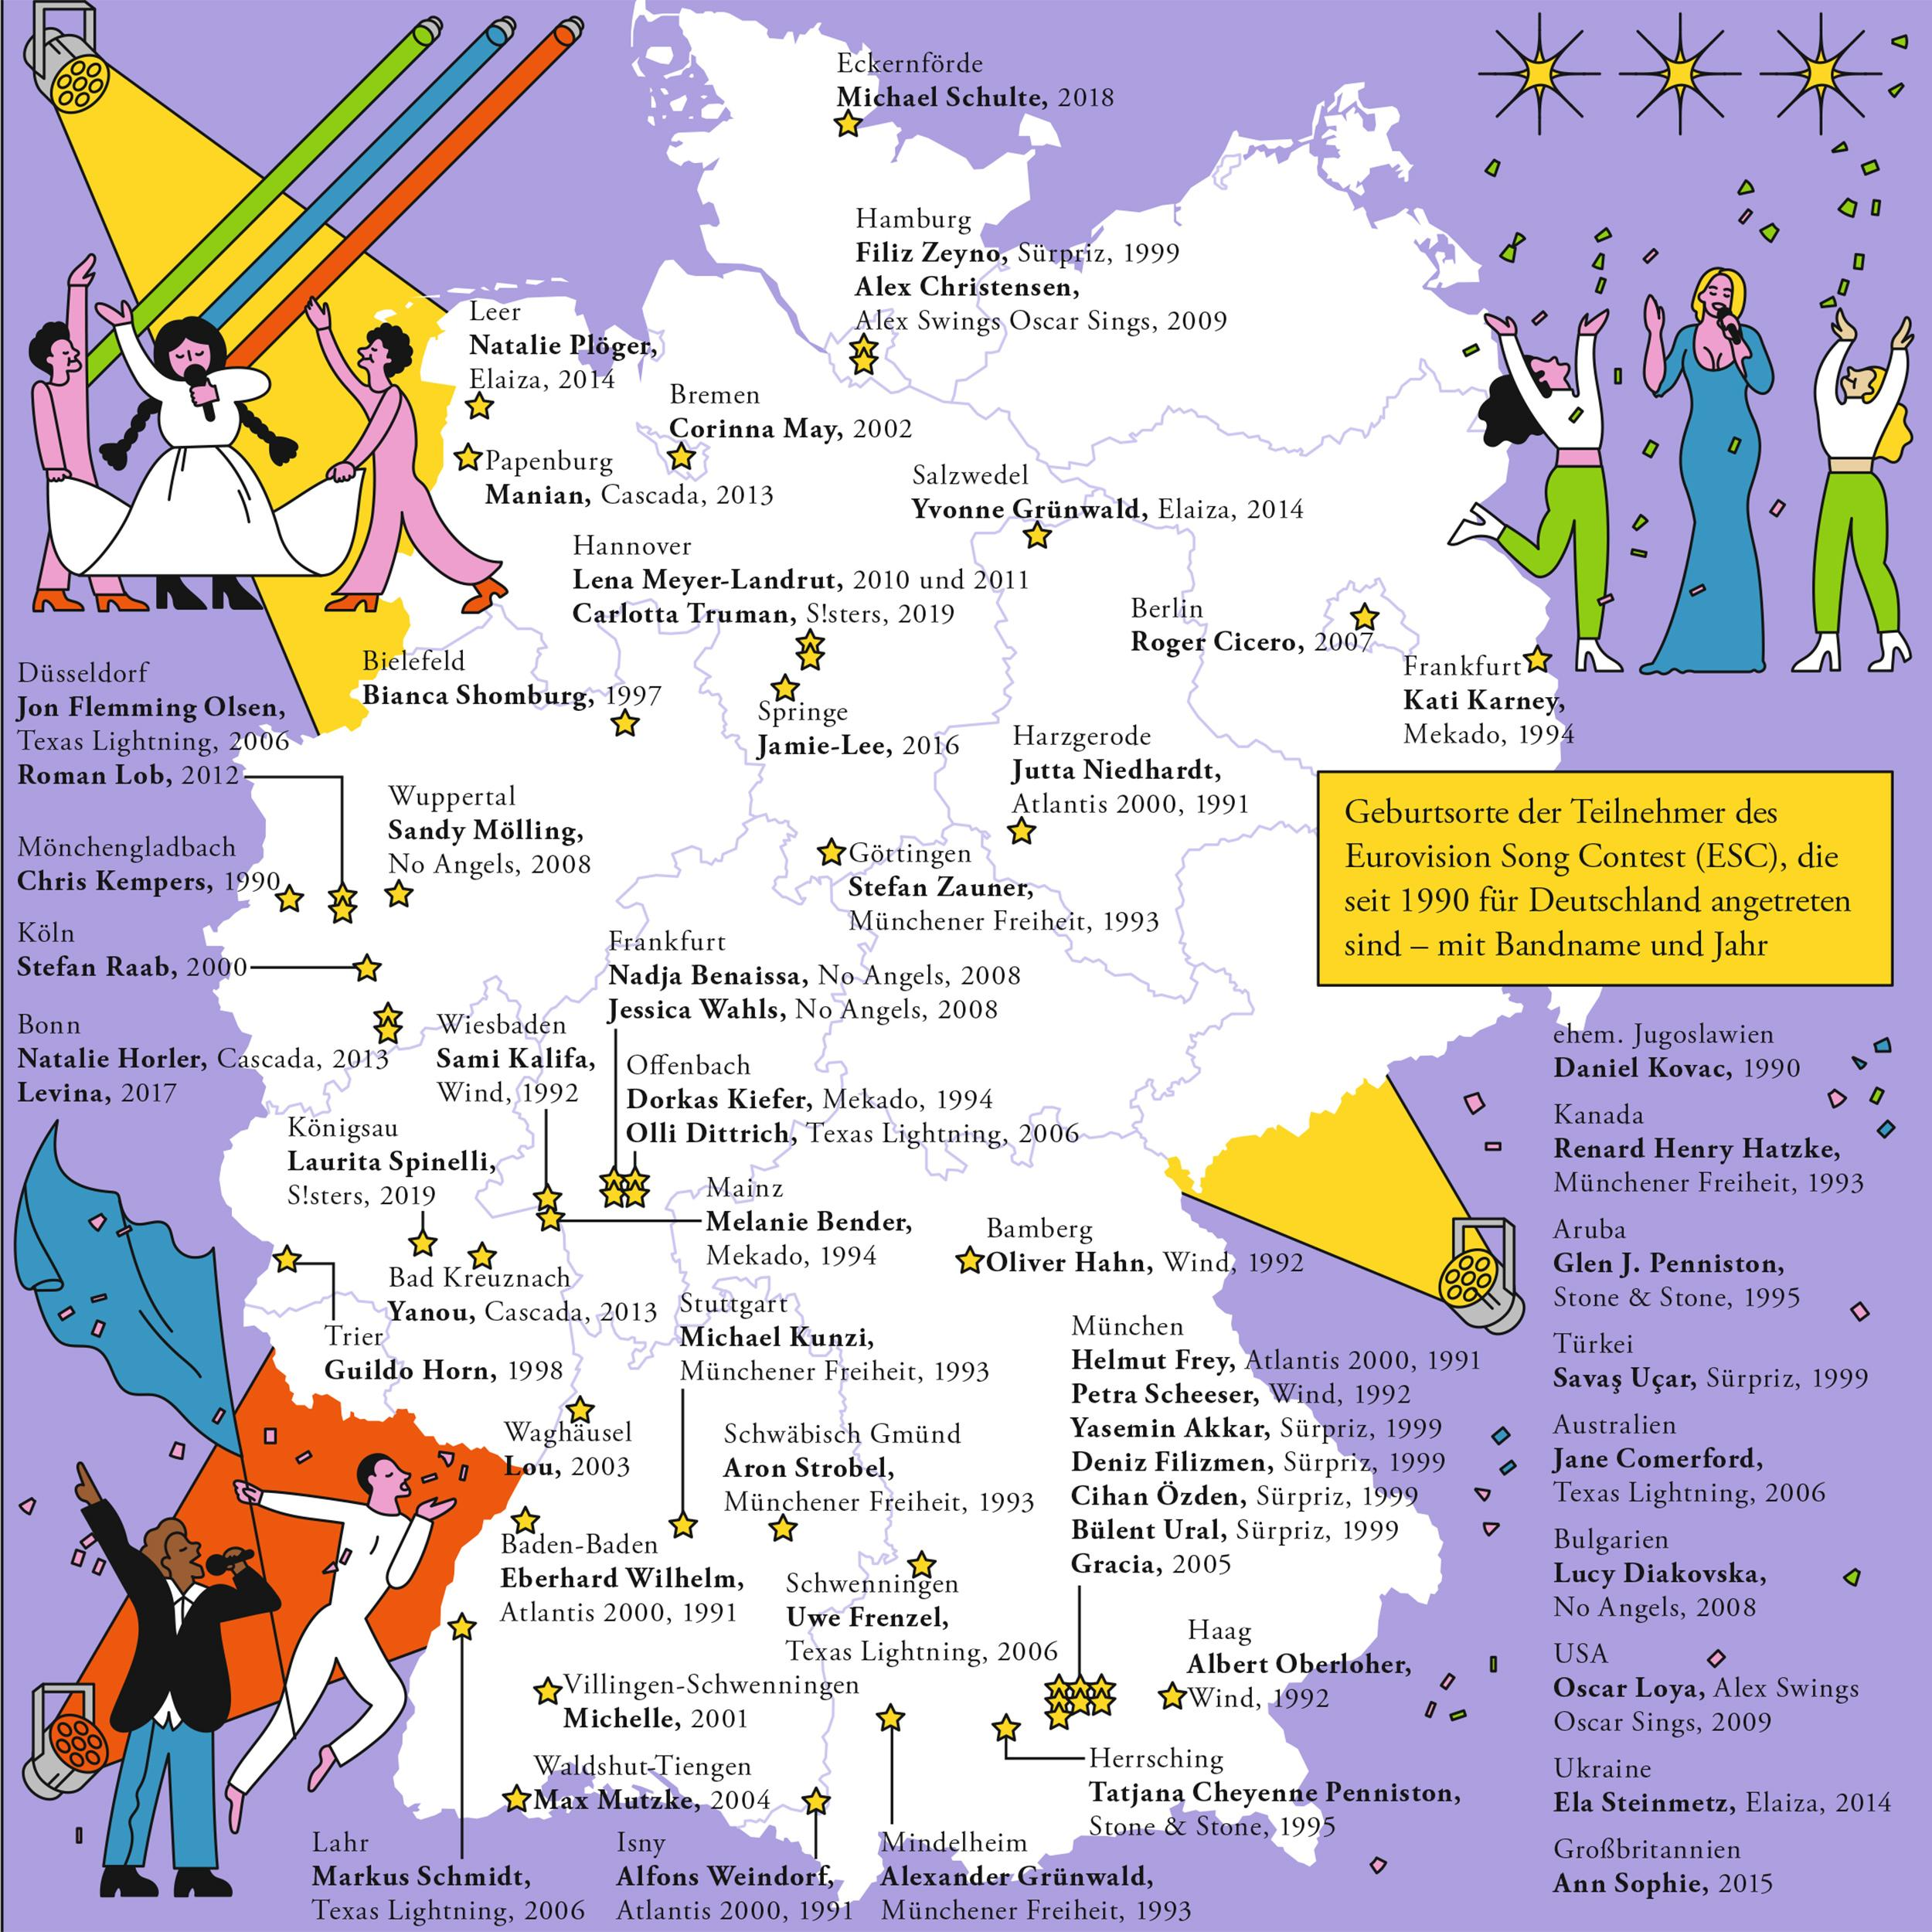 Eurovision Song Contest: Teilnehmer am ESC